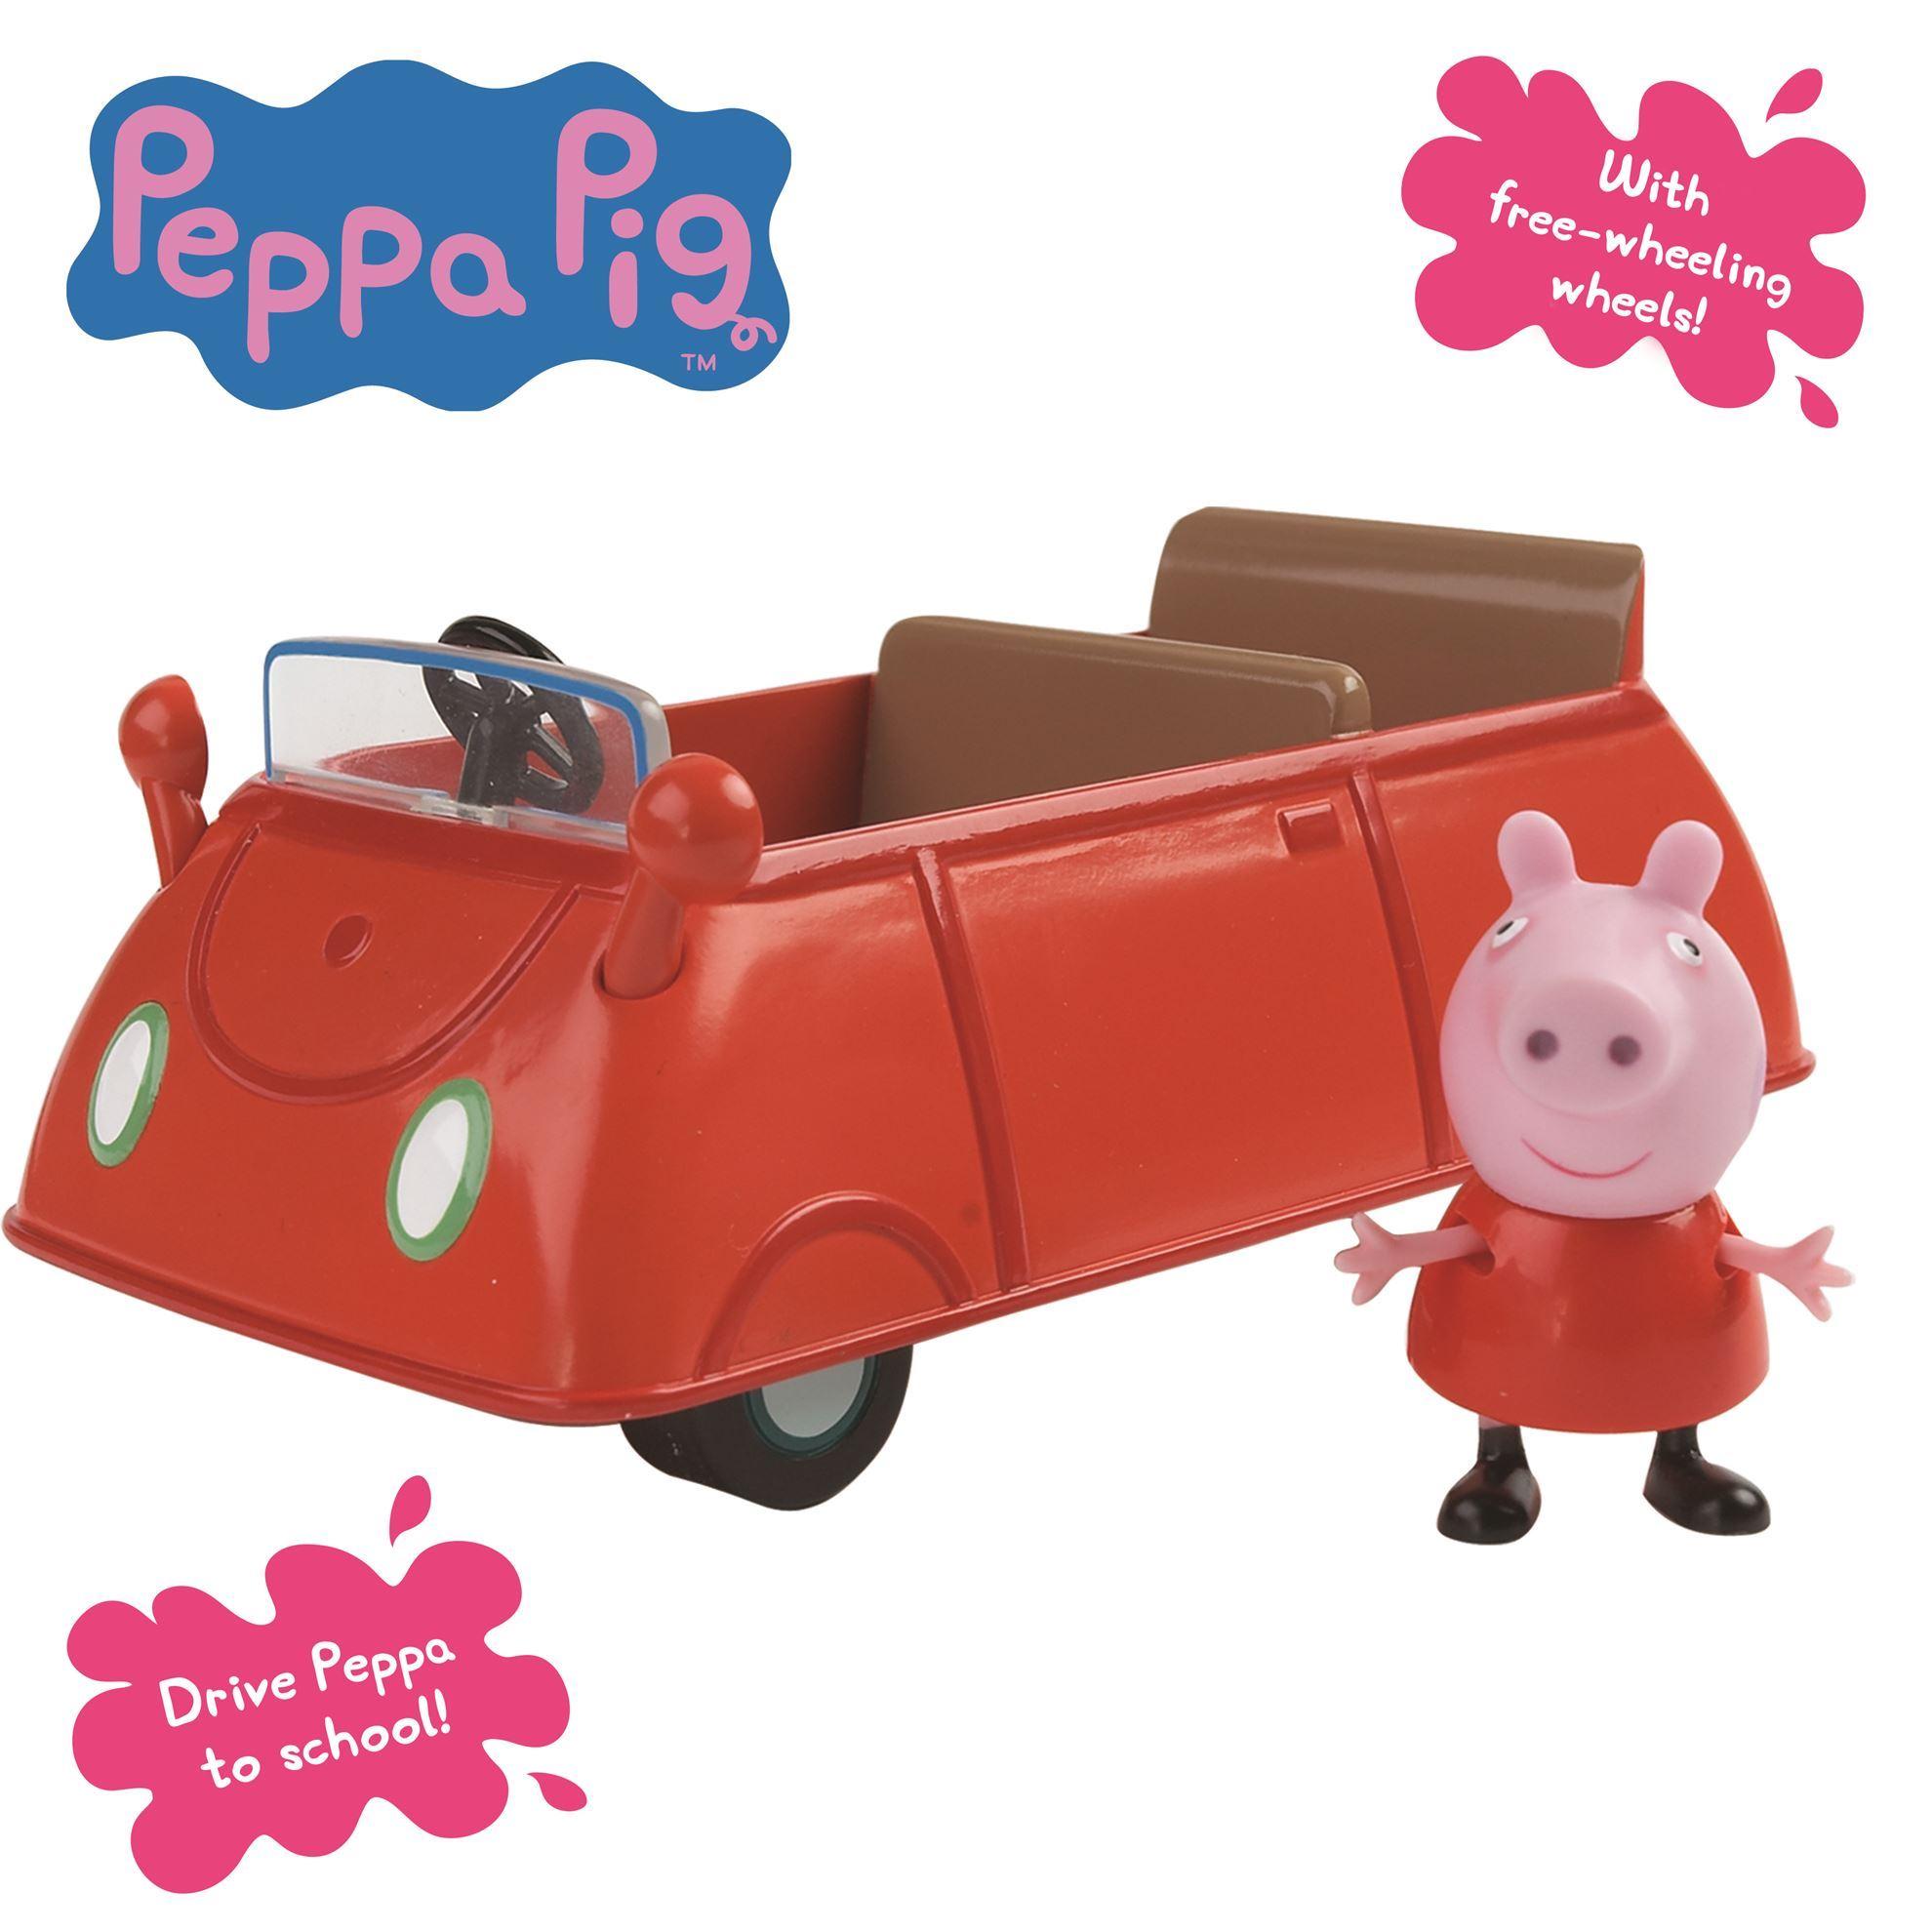 06495 PEPPA VEHICLE ASSORTMENT Car FPS